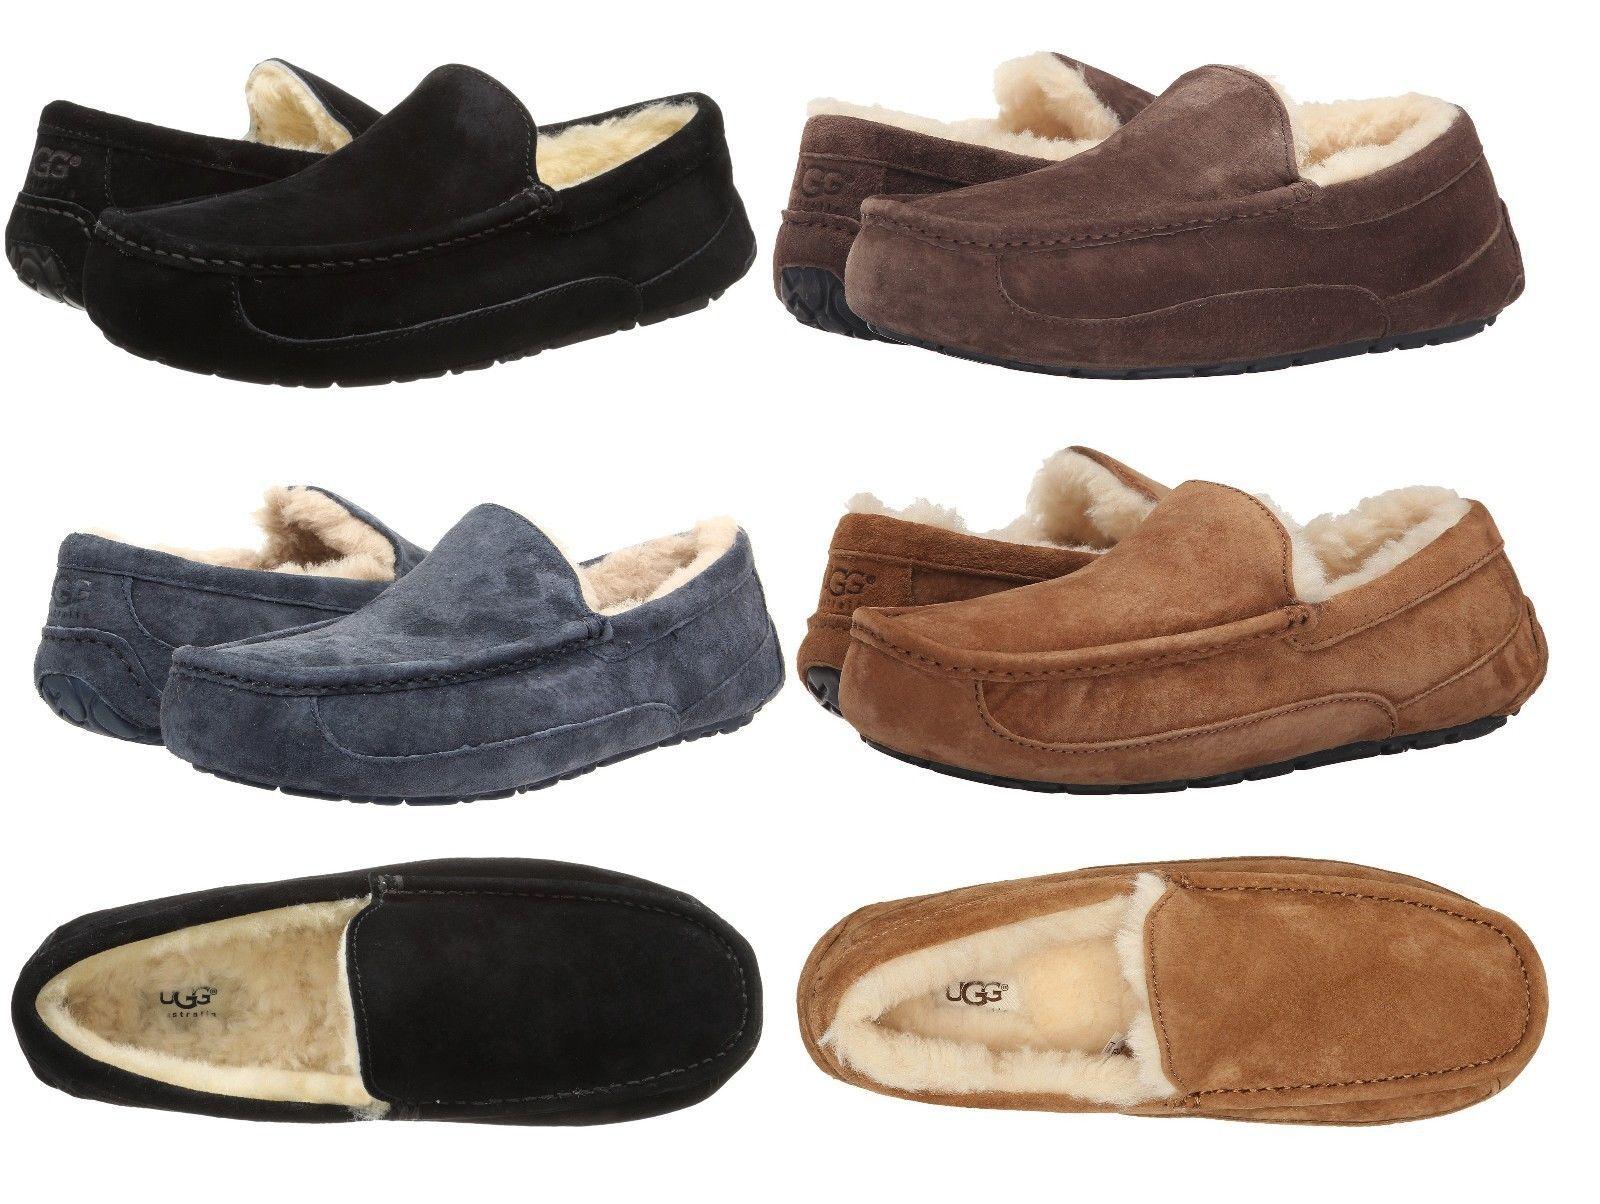 73e5c603617 ForOffice | ugg australia men's ascot slippers